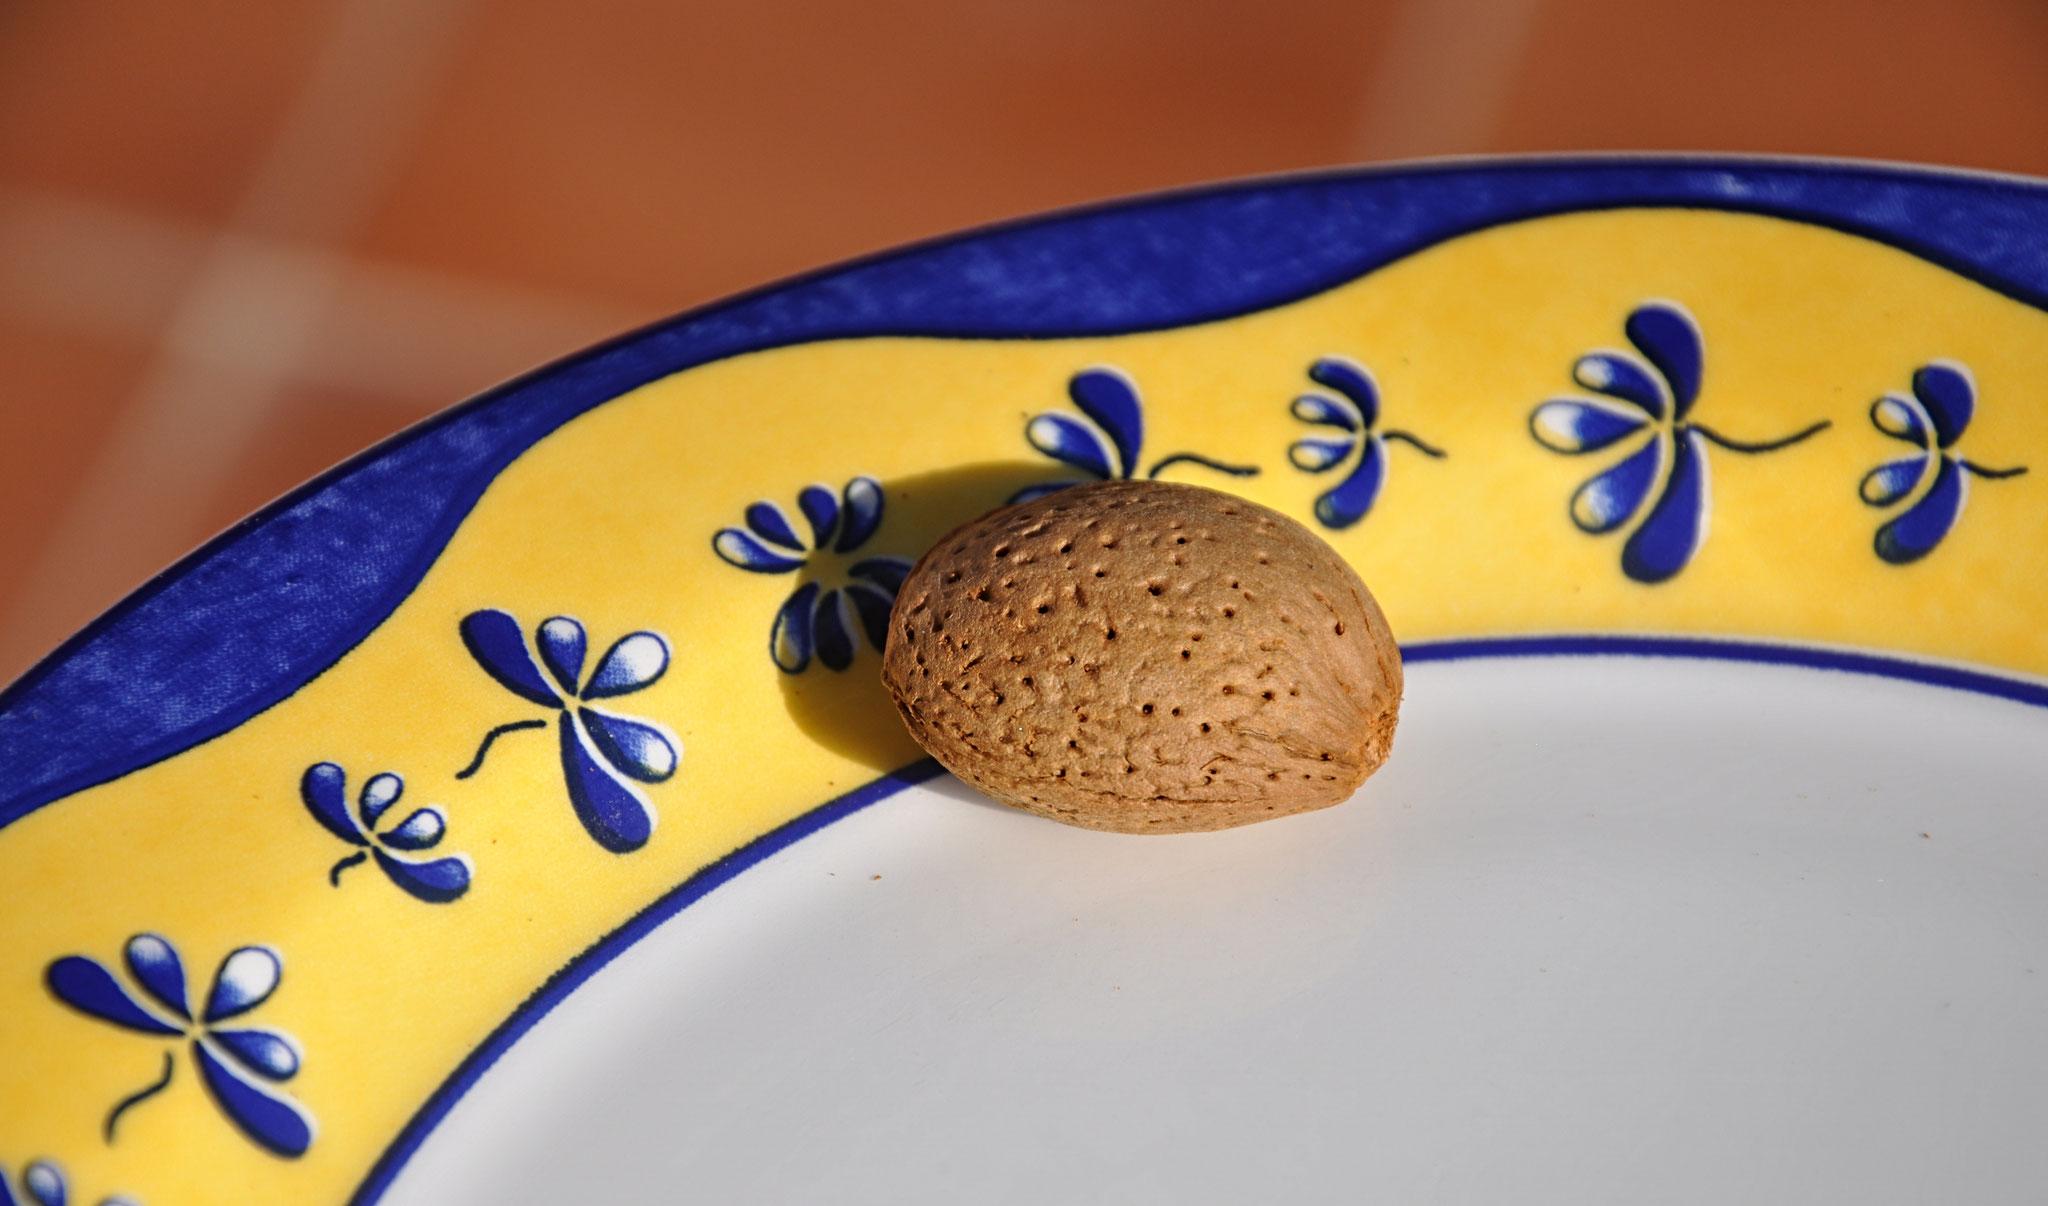 La coque de l'amande, avec ses orifices de ventilation, est un véritable chef d'oeuvre de Dame Nature.